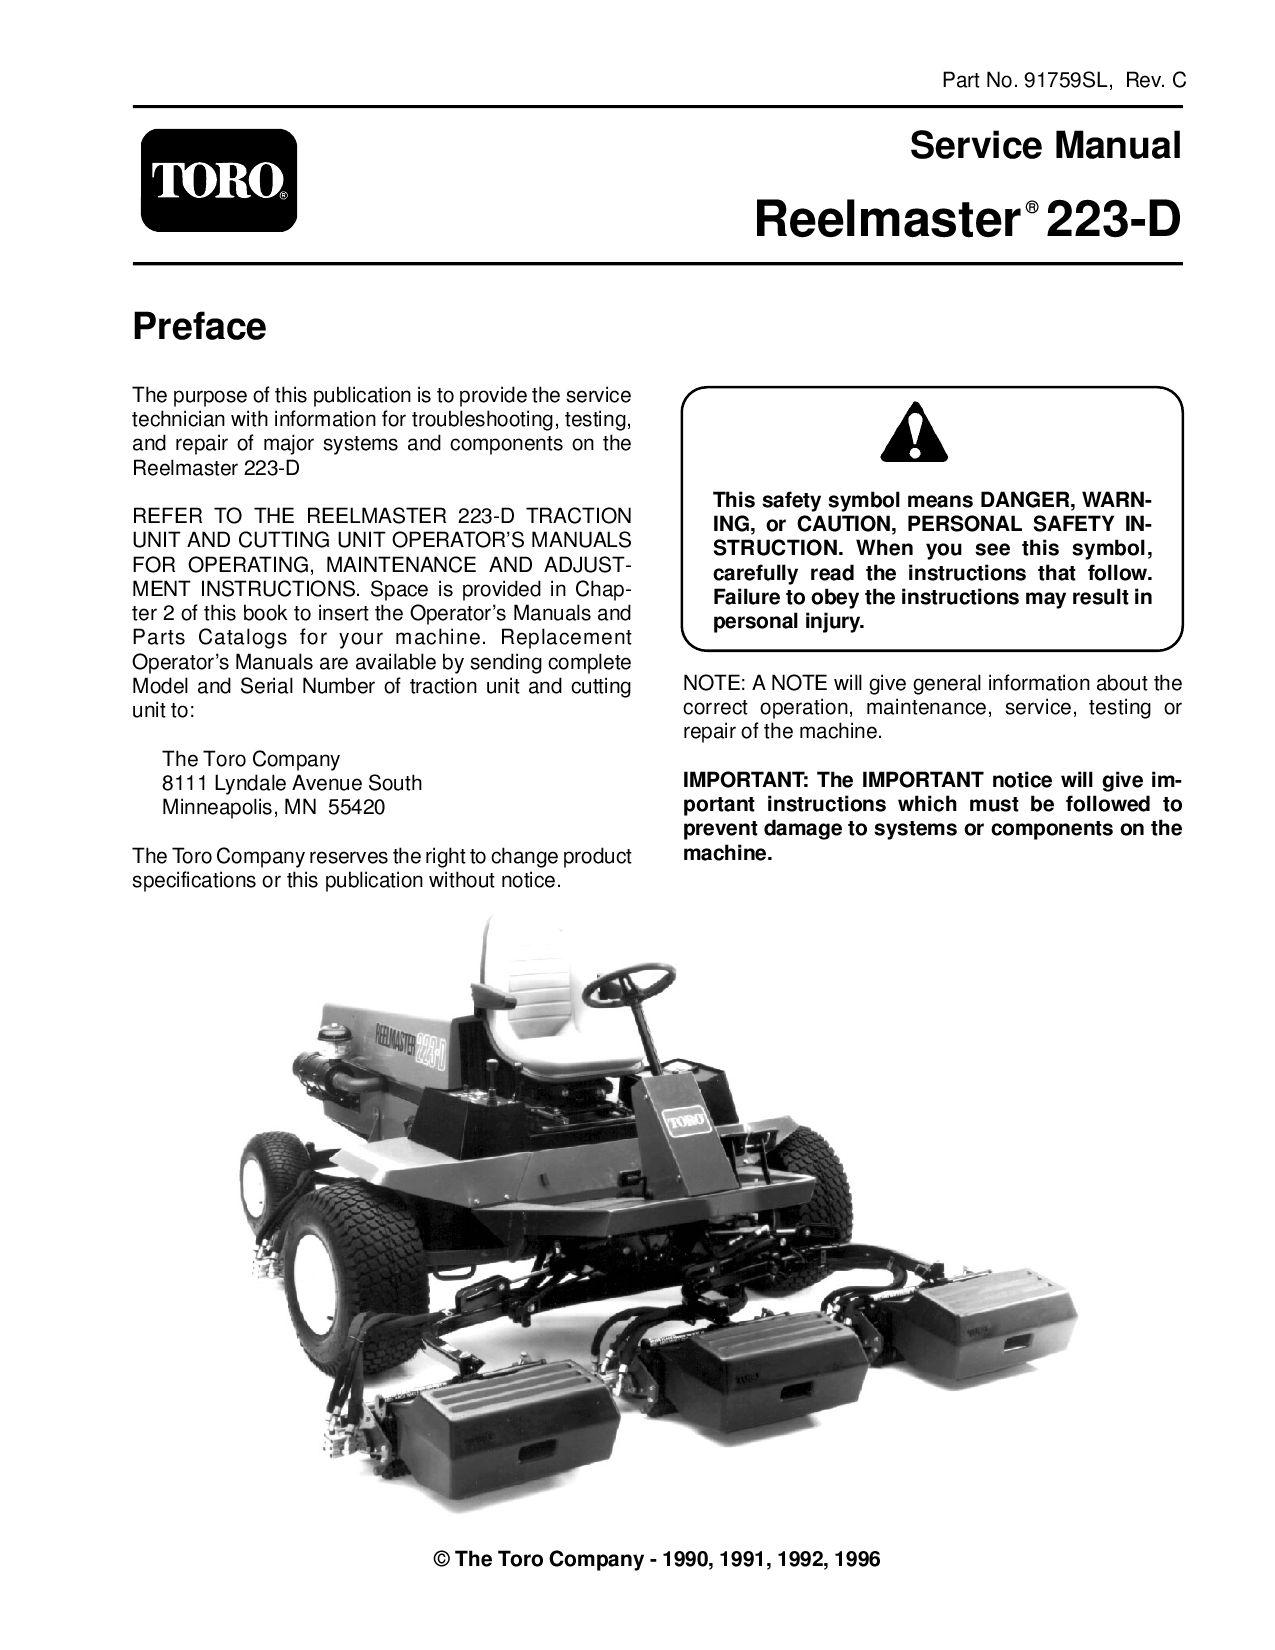 91759sl pdf Reelmaster 223-D (Rev C) 1996 by negimachi negimachi - issuu